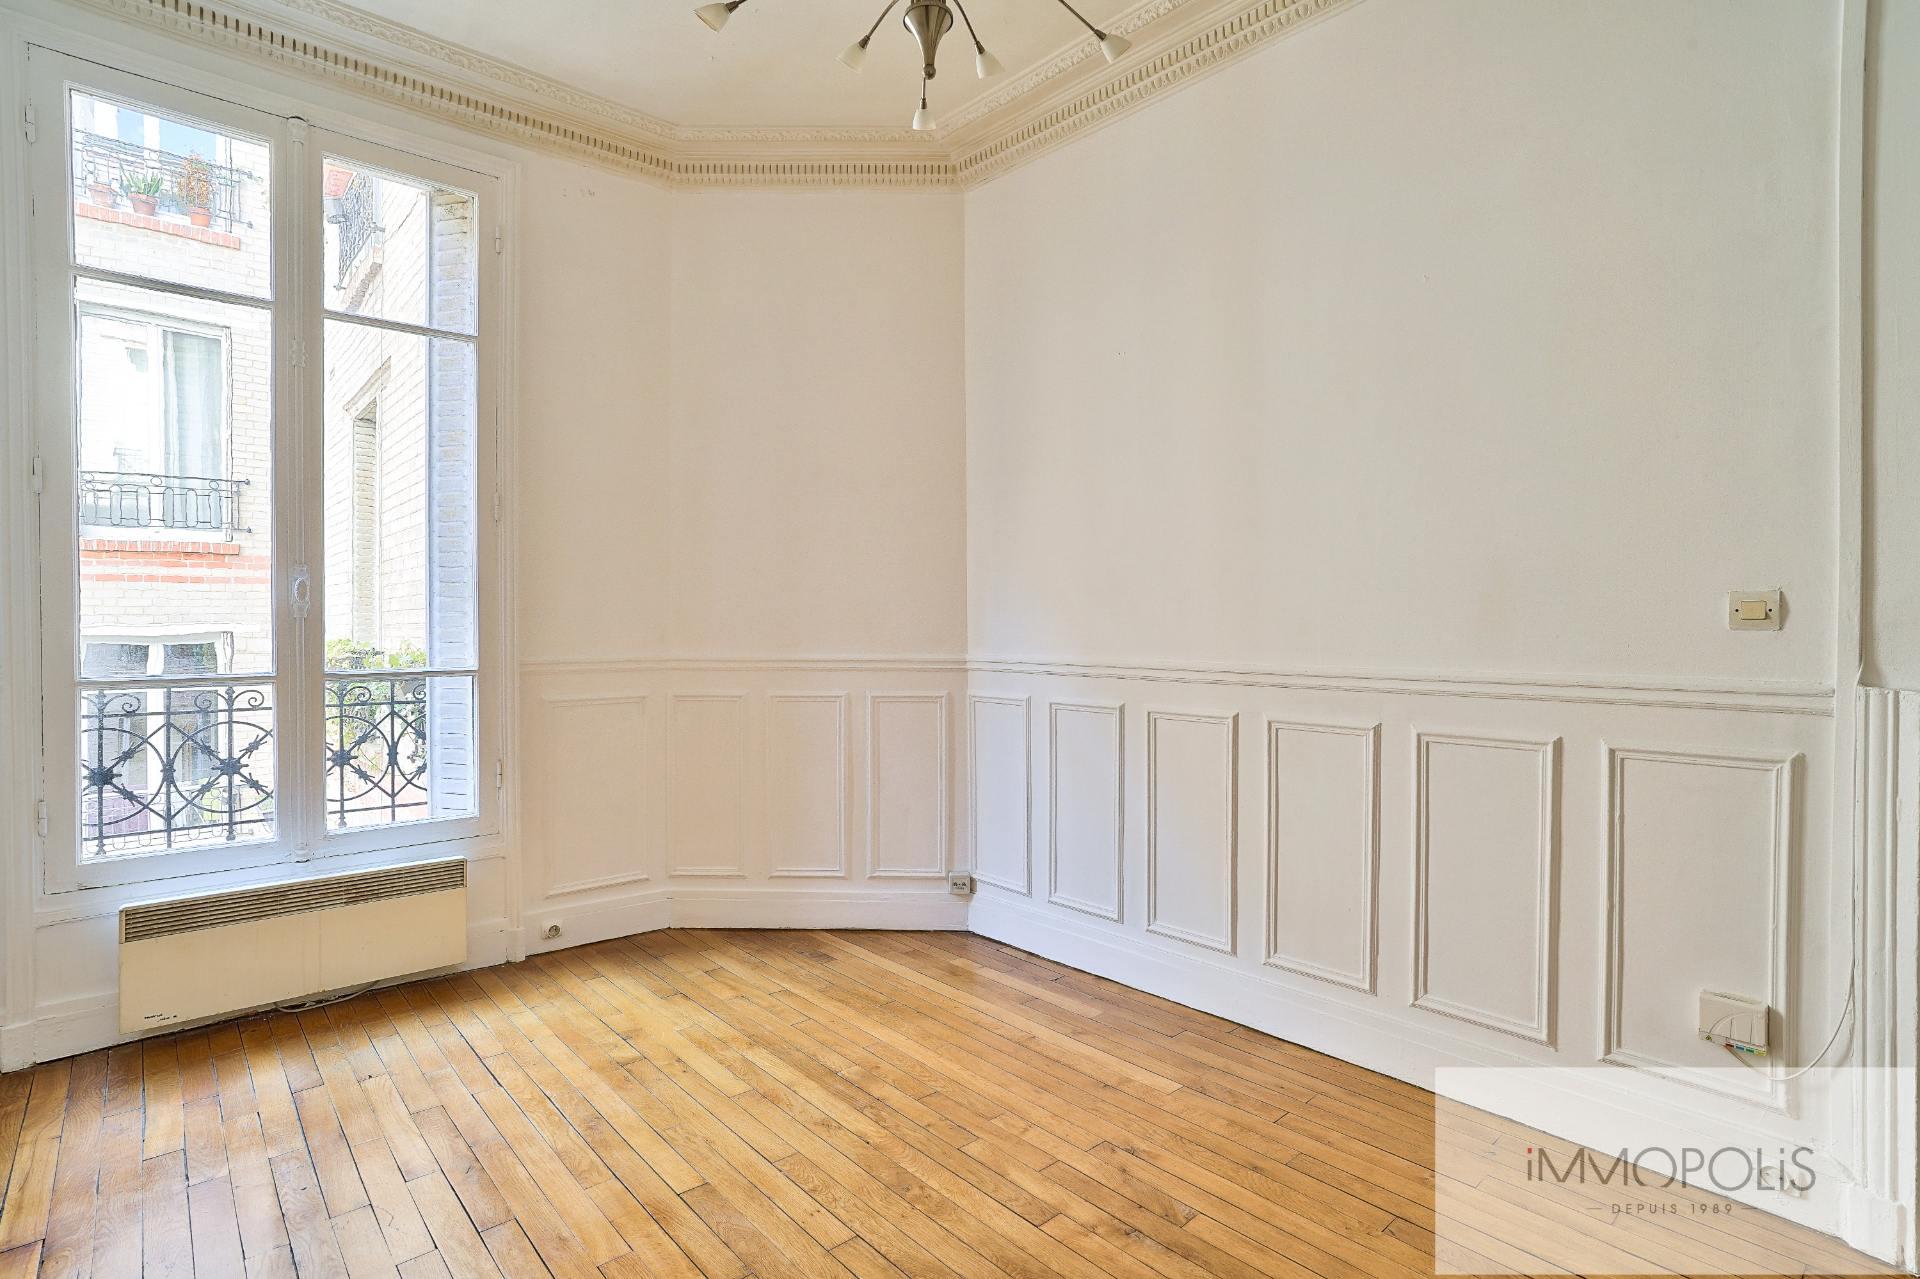 2 pièces 46 m2 – Rue Lamarck  – métro Guy Moquet 2